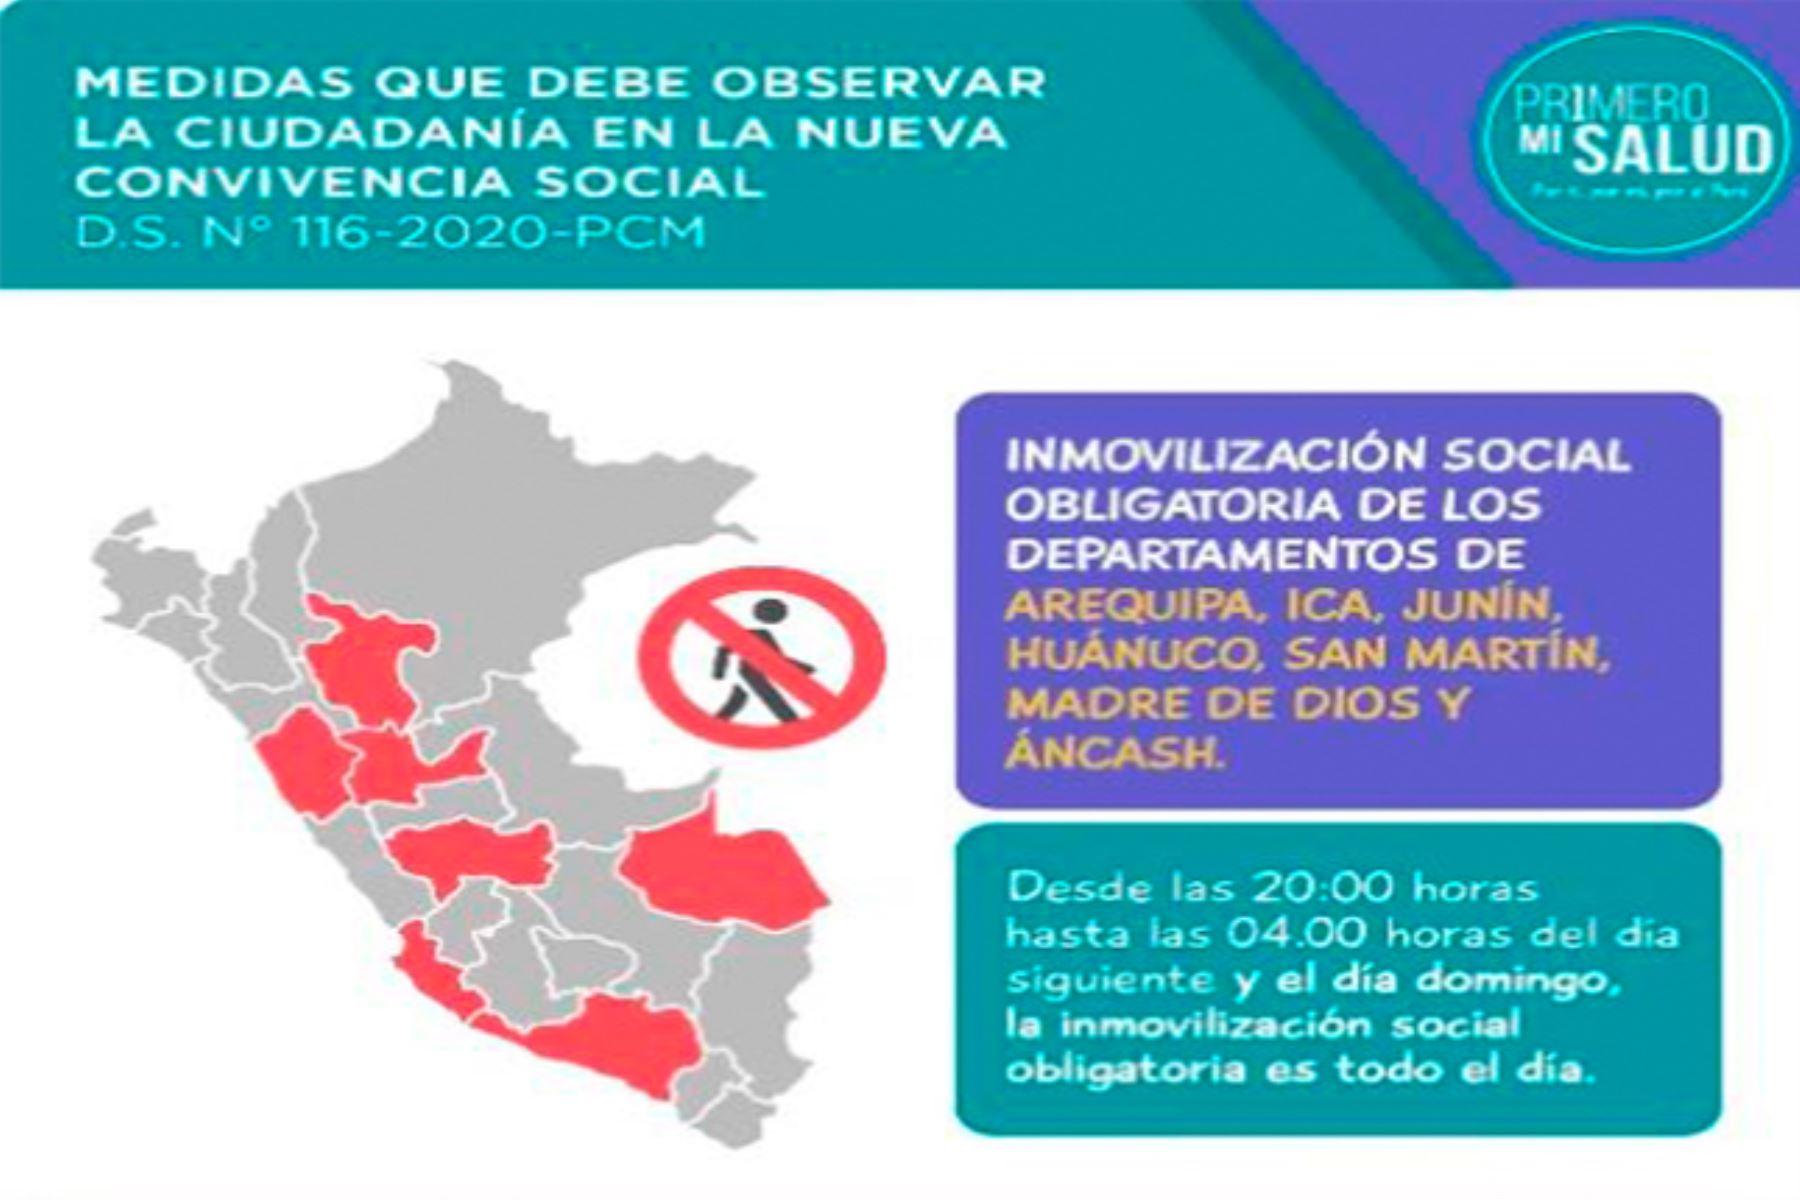 Desde mañana miércoles 1 de julio regirá la ampliación del estado de emergencia nacional hasta el 31 de julio, pero con una cuarentena focalizada en los departamentos de Áncash, Arequipa, Huánuco, Ica, Junín, Madre de Dios y San Martín.